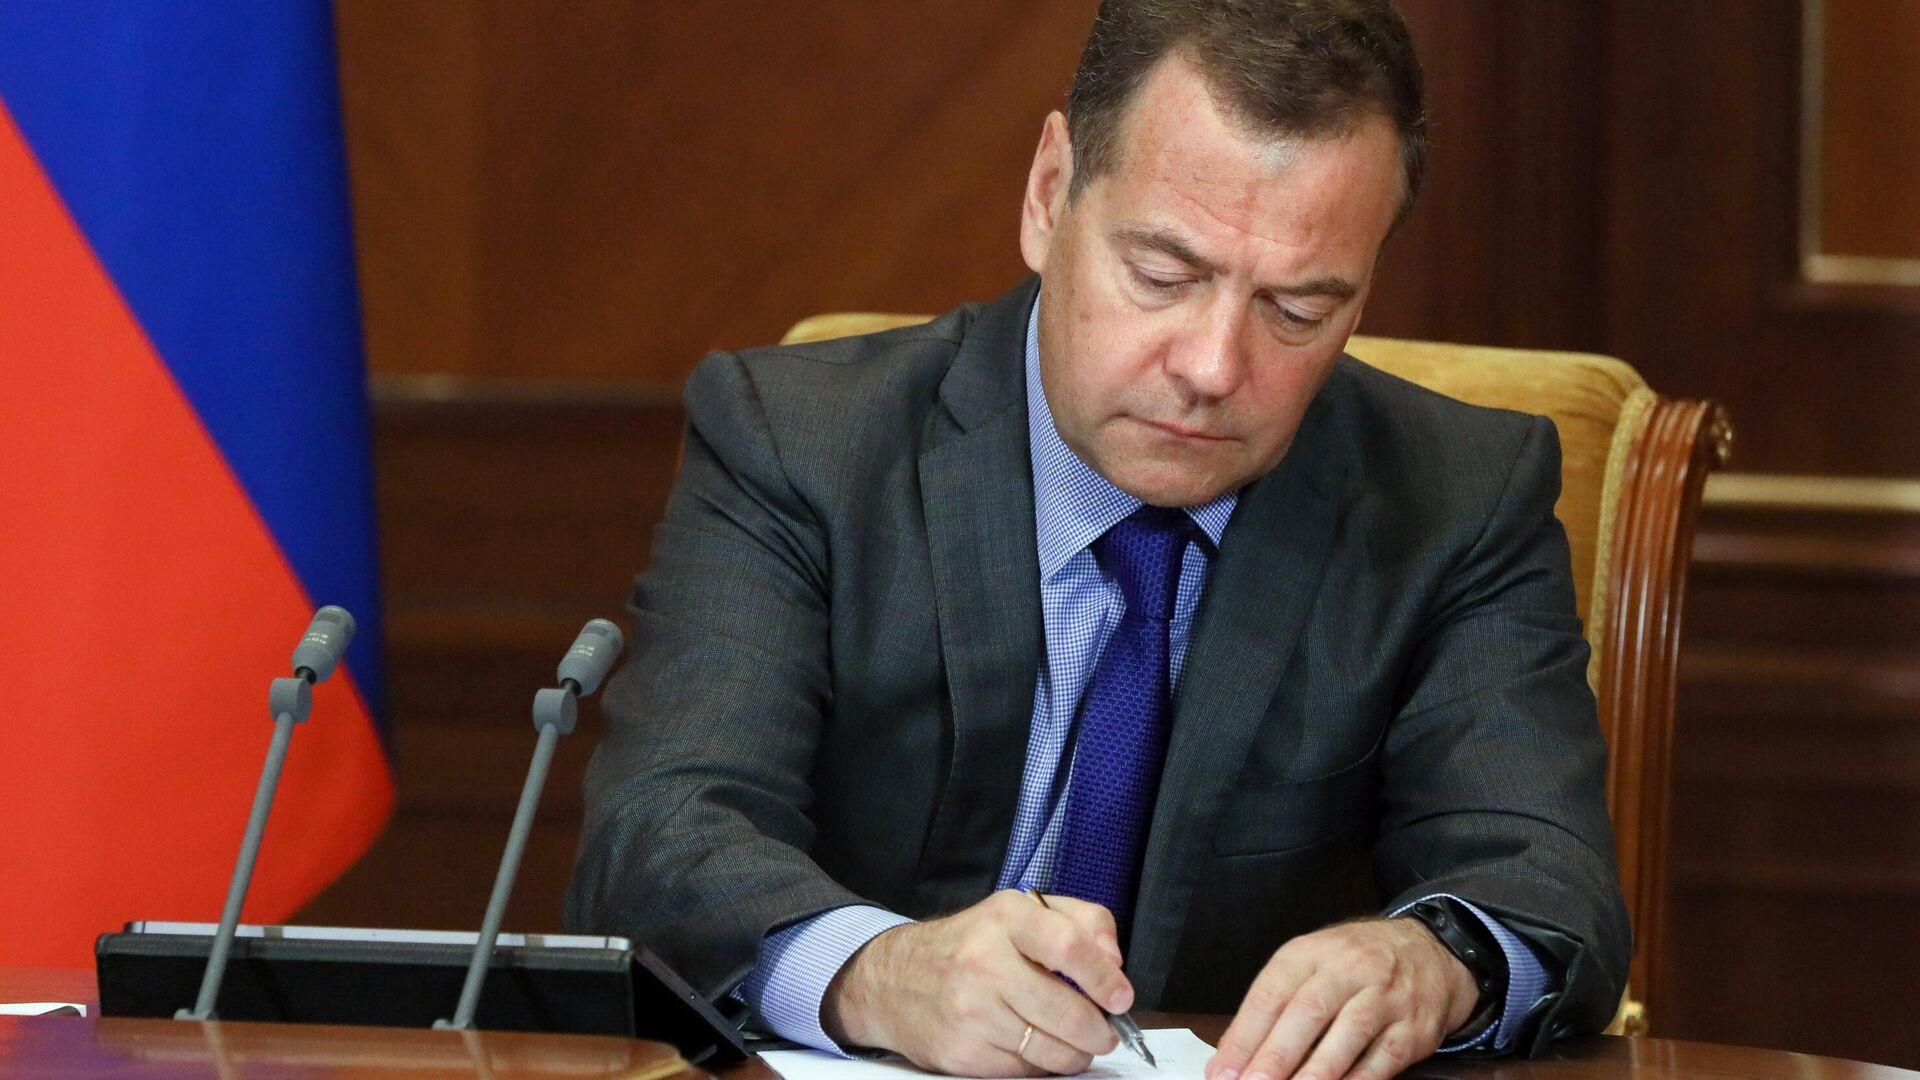 Заместитель председателя Совета безопасности РФ Дмитрий Медведев провел совещание по развитию аграрных отраслей экономики РФ - РИА Новости, 1920, 25.09.2021